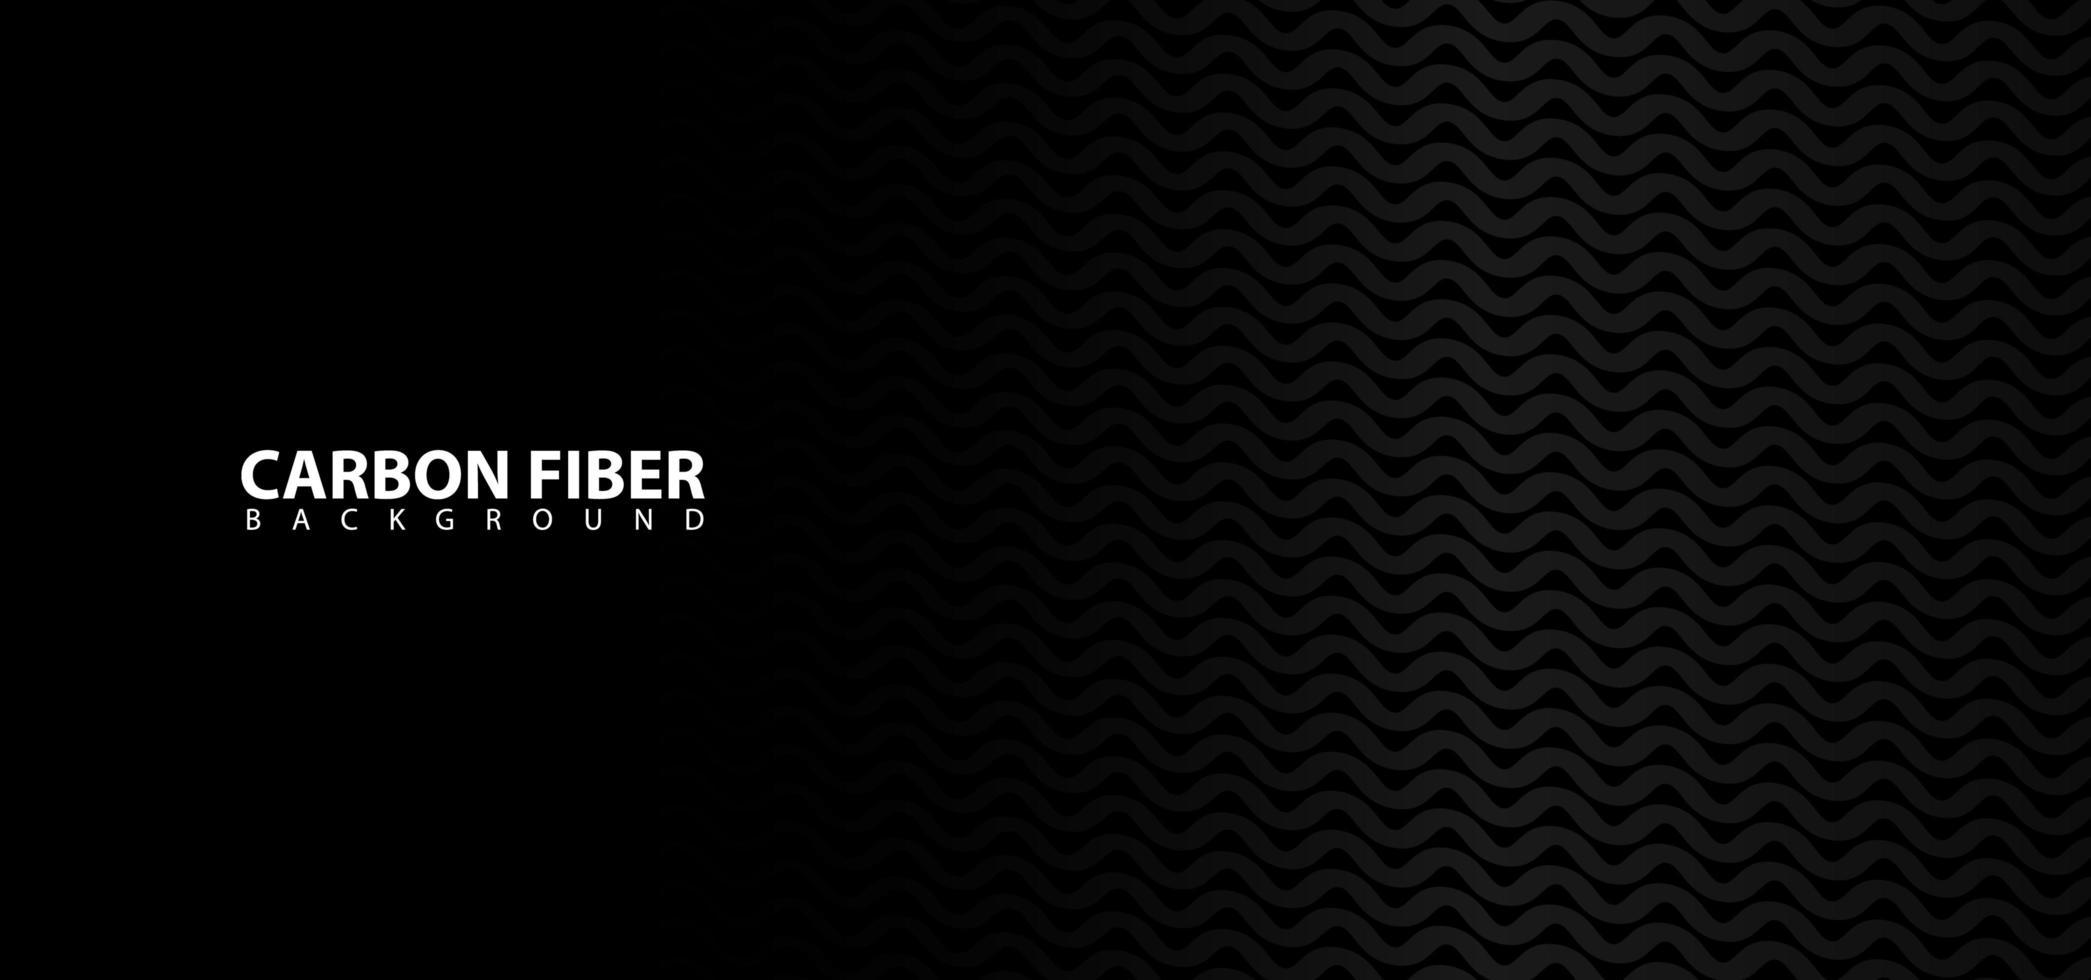 Modele De Texture De Fond De Conception De Fibre De Carbone Noir Telecharger Vectoriel Gratuit Clipart Graphique Vecteur Dessins Et Pictogramme Gratuit